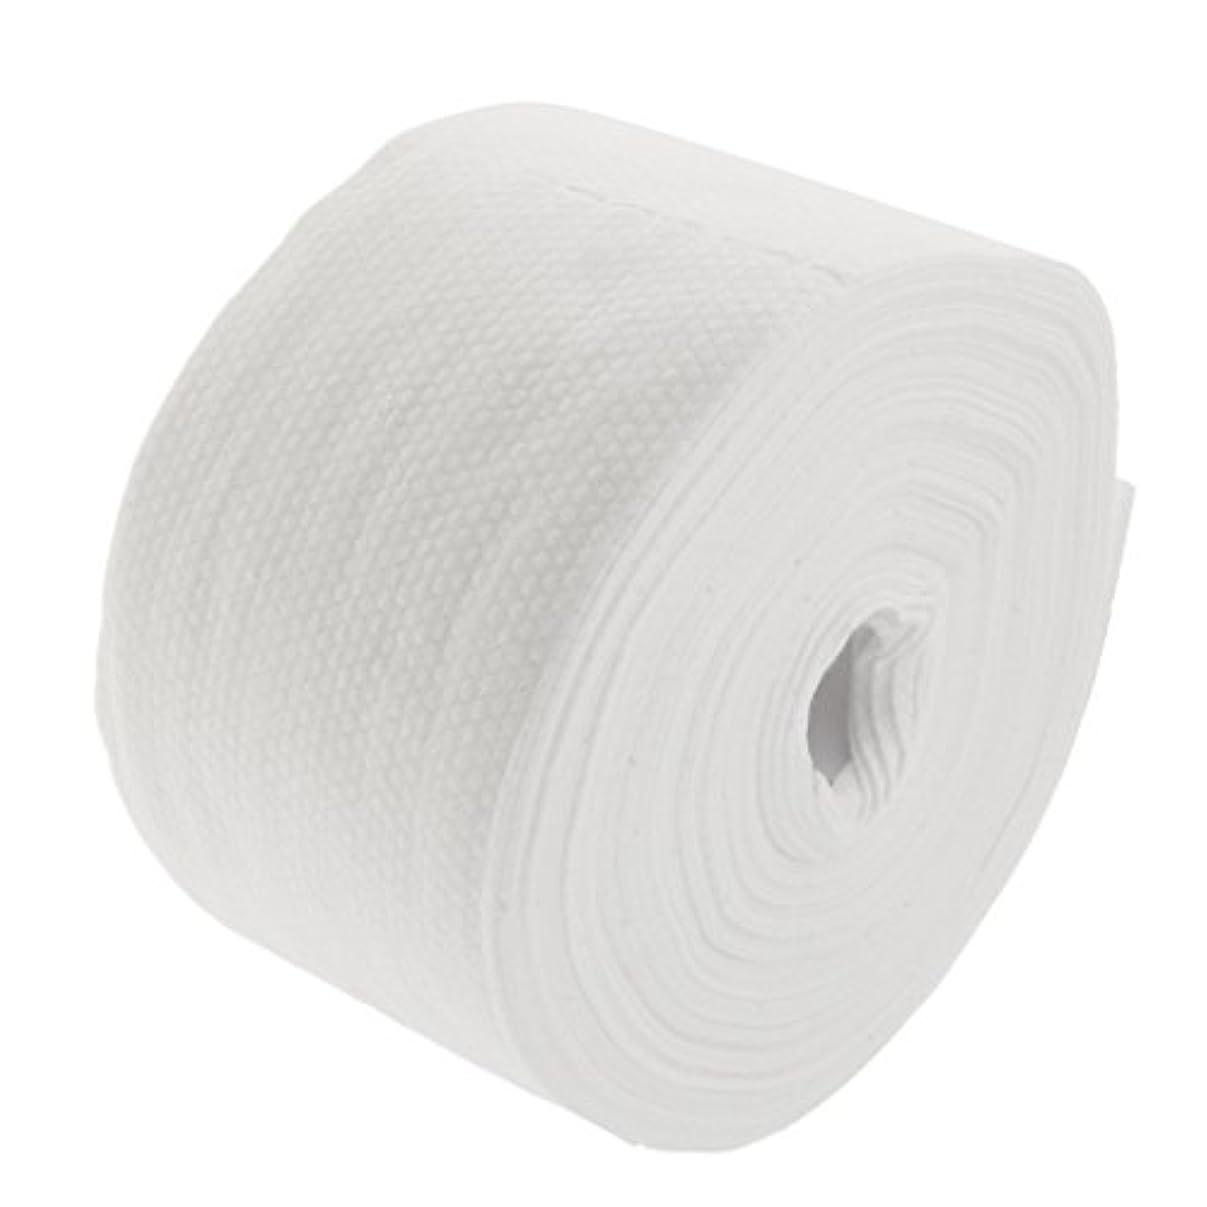 立ち寄る推測彼女は30メートルの使い捨て可能な綿タオル繊維クレンジングフェイシャルワイプメイク落とし - #2